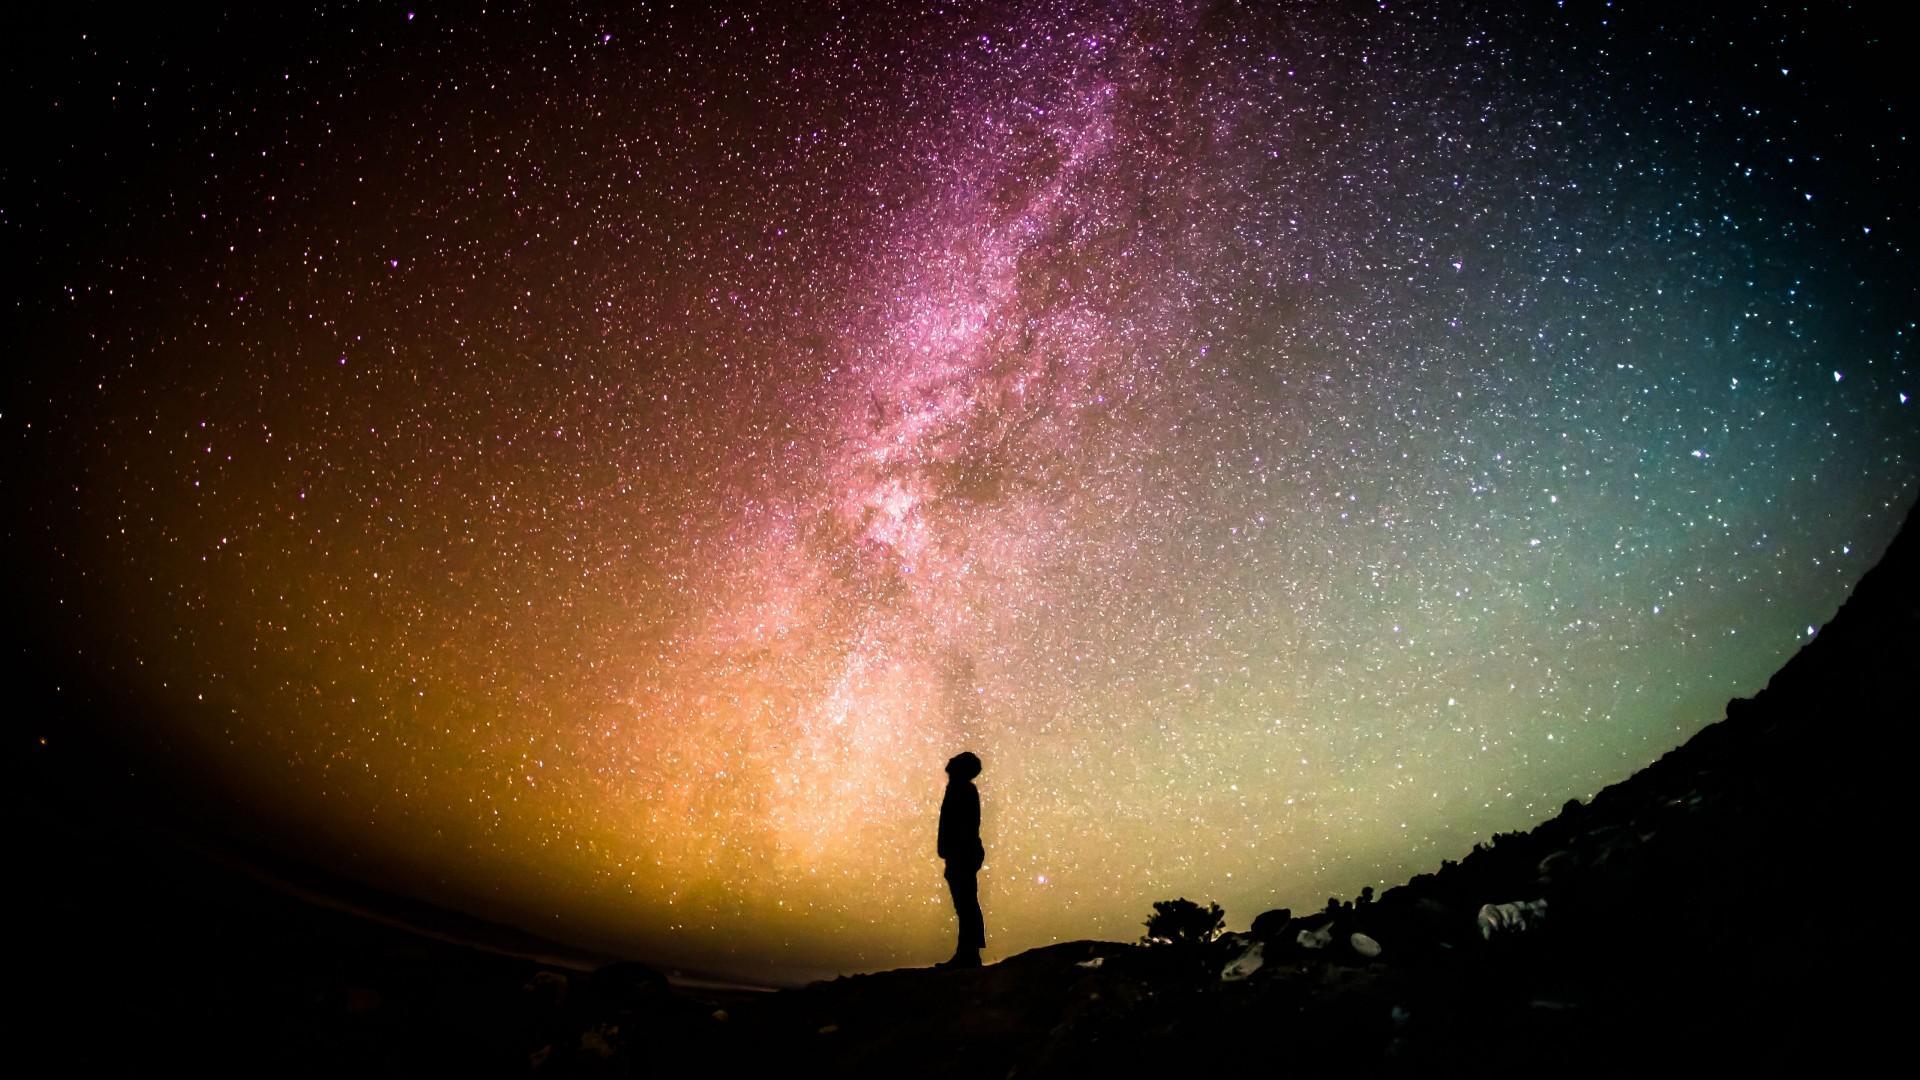 仰望星空唯美意境高清桌面壁纸